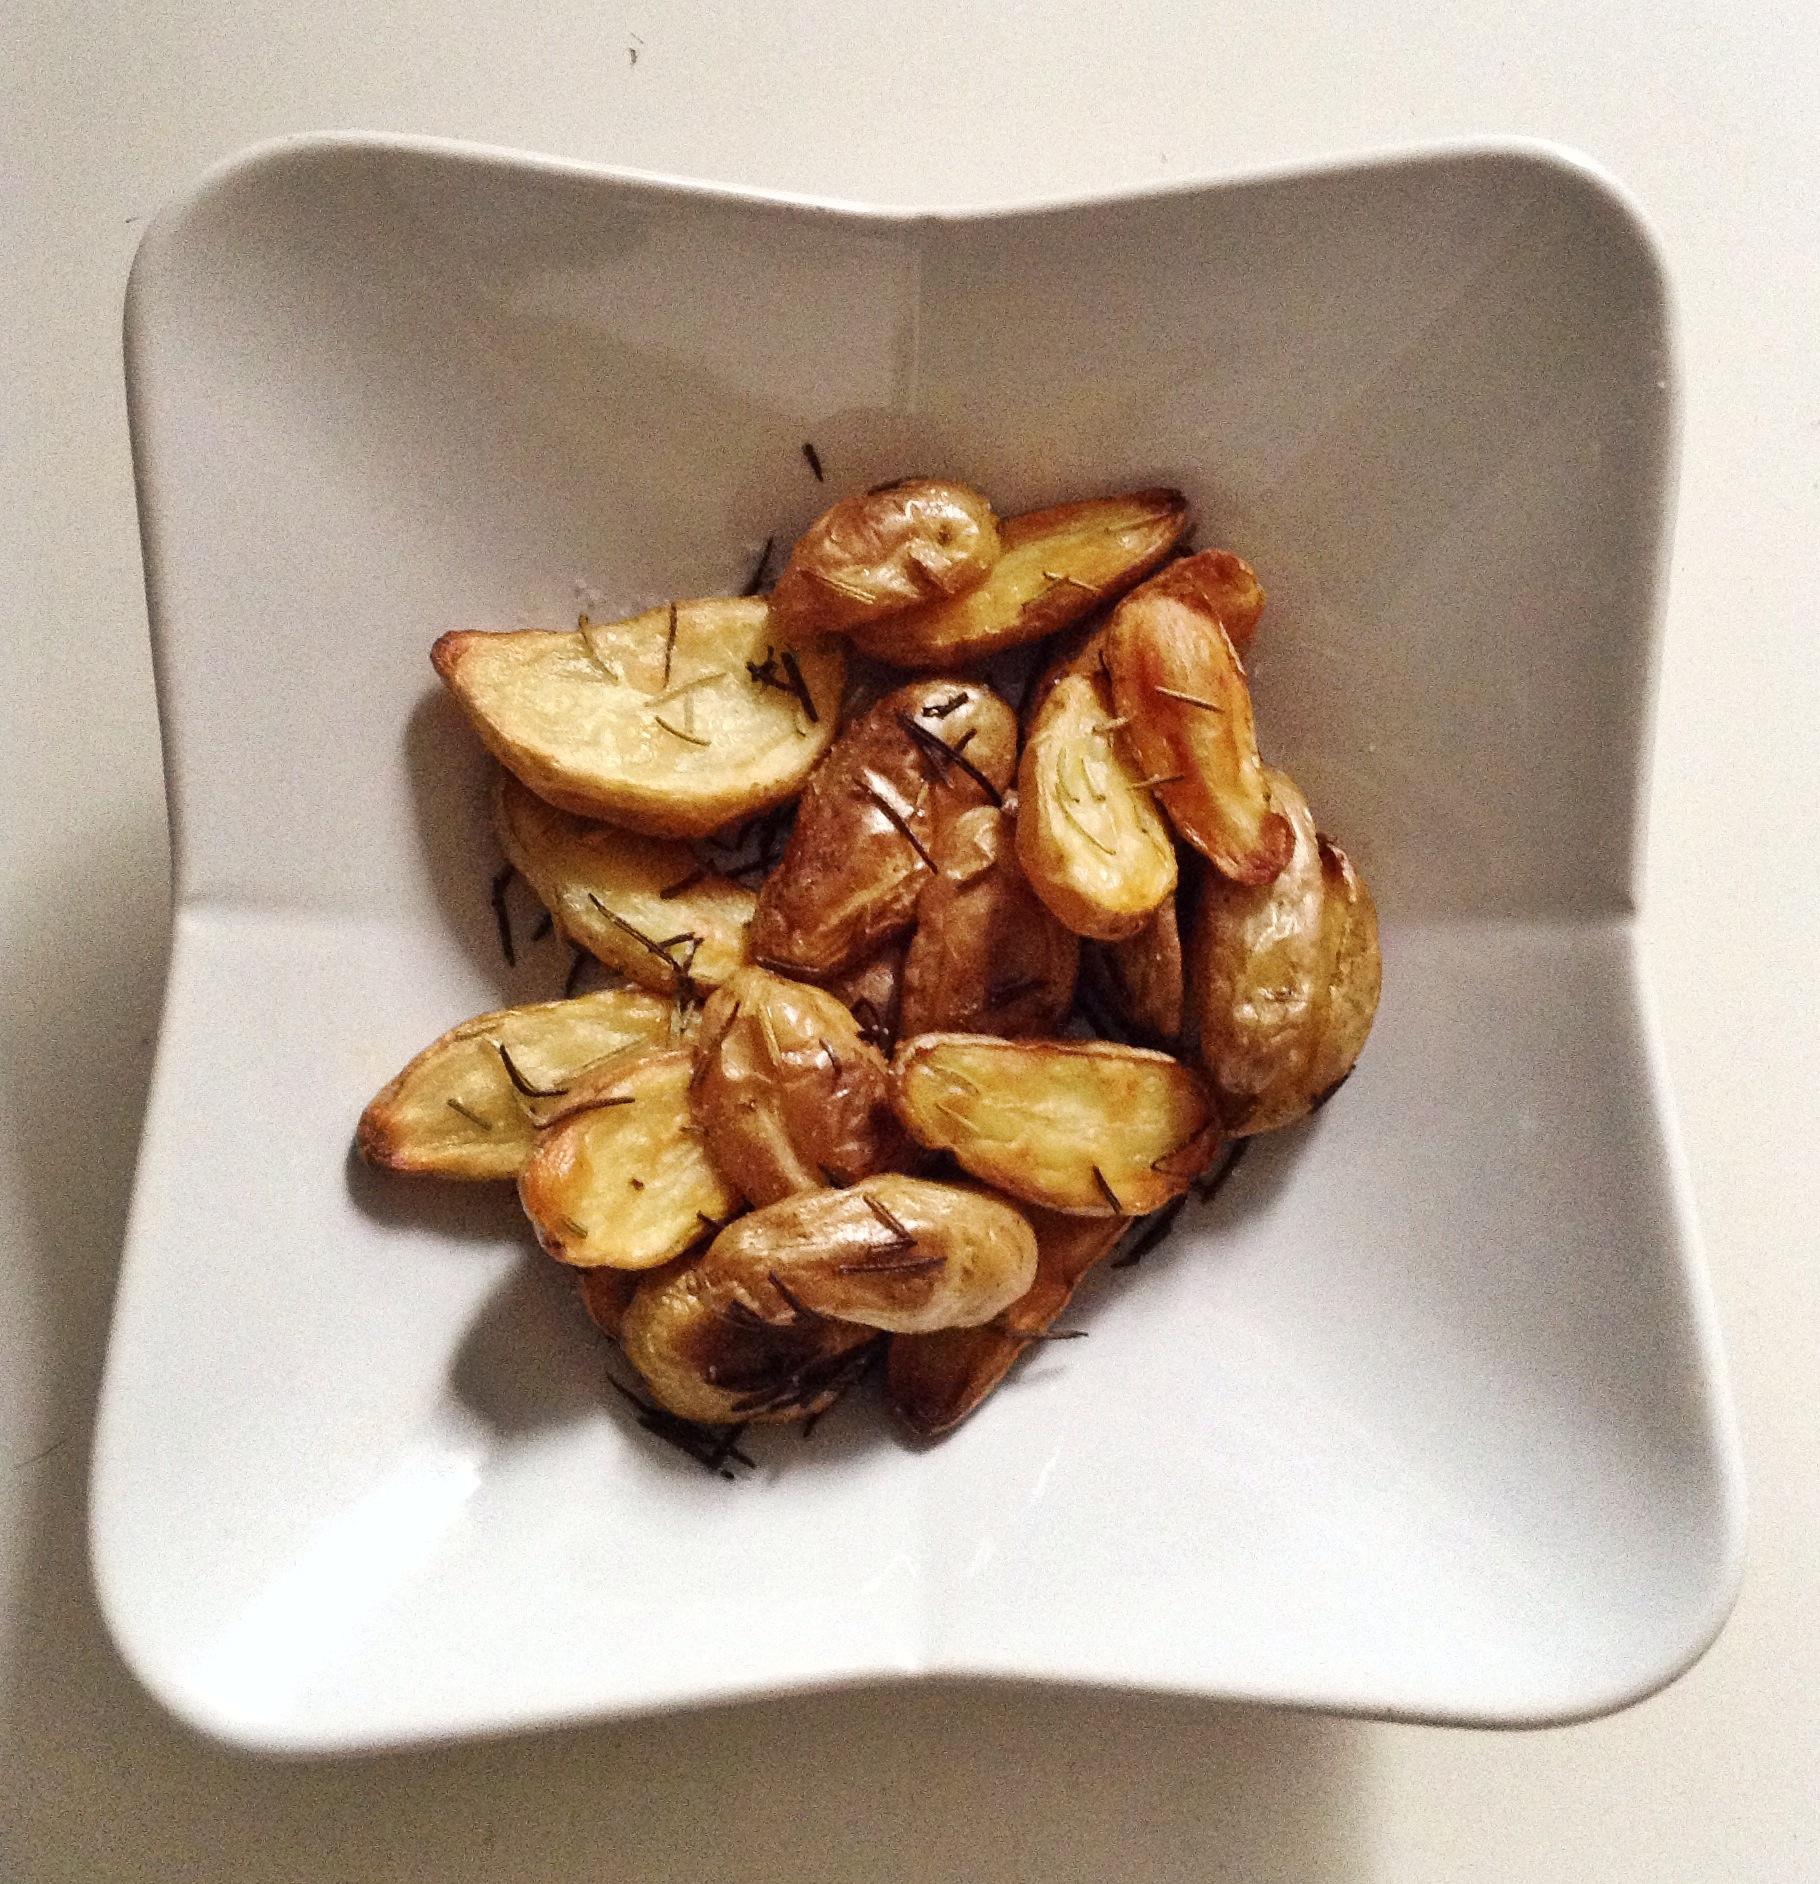 potatoes, roasted potatoes, rosemary, roasted rosemary potatoes ...